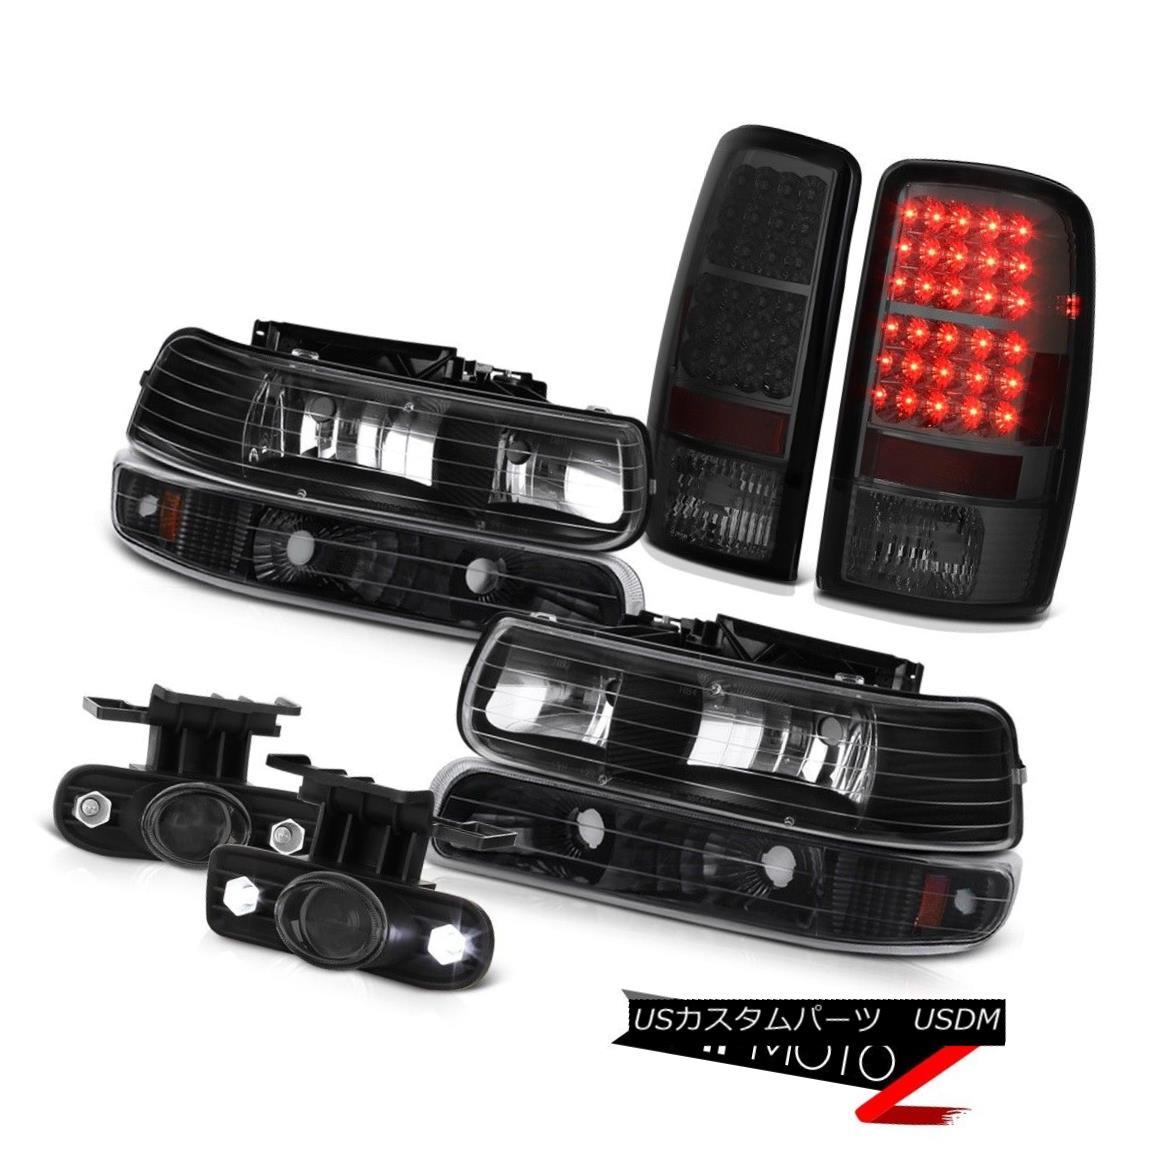 ヘッドライト 00-06 Tahoe 5.3L Black Headlights Headlamp LED Tail Lights Projector Fog Lamps 00-06 Tahoe 5.3LブラックヘッドライトヘッドランプLEDテールライトプロジェクターフォグランプ